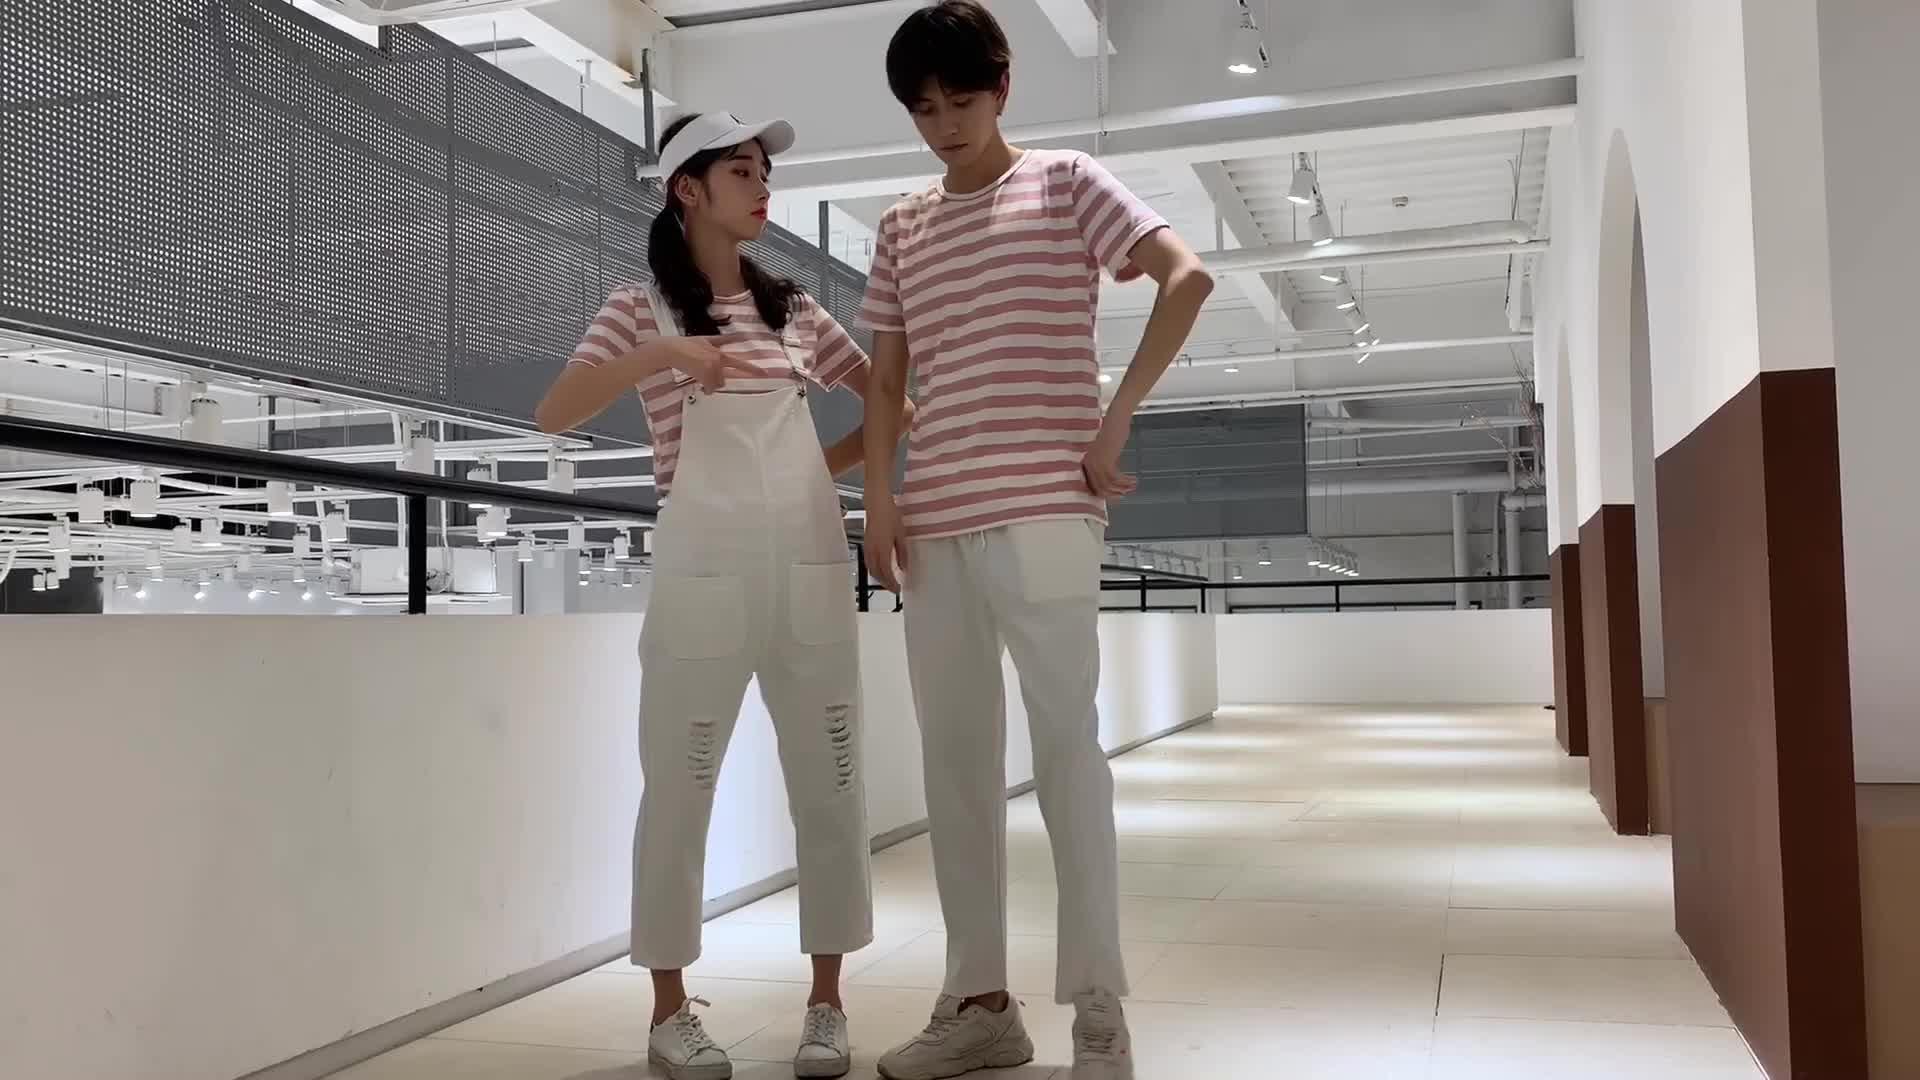 亚博娱乐平台入口+视频2019夏季新款情侣装条纹短袖套装修身学生班服